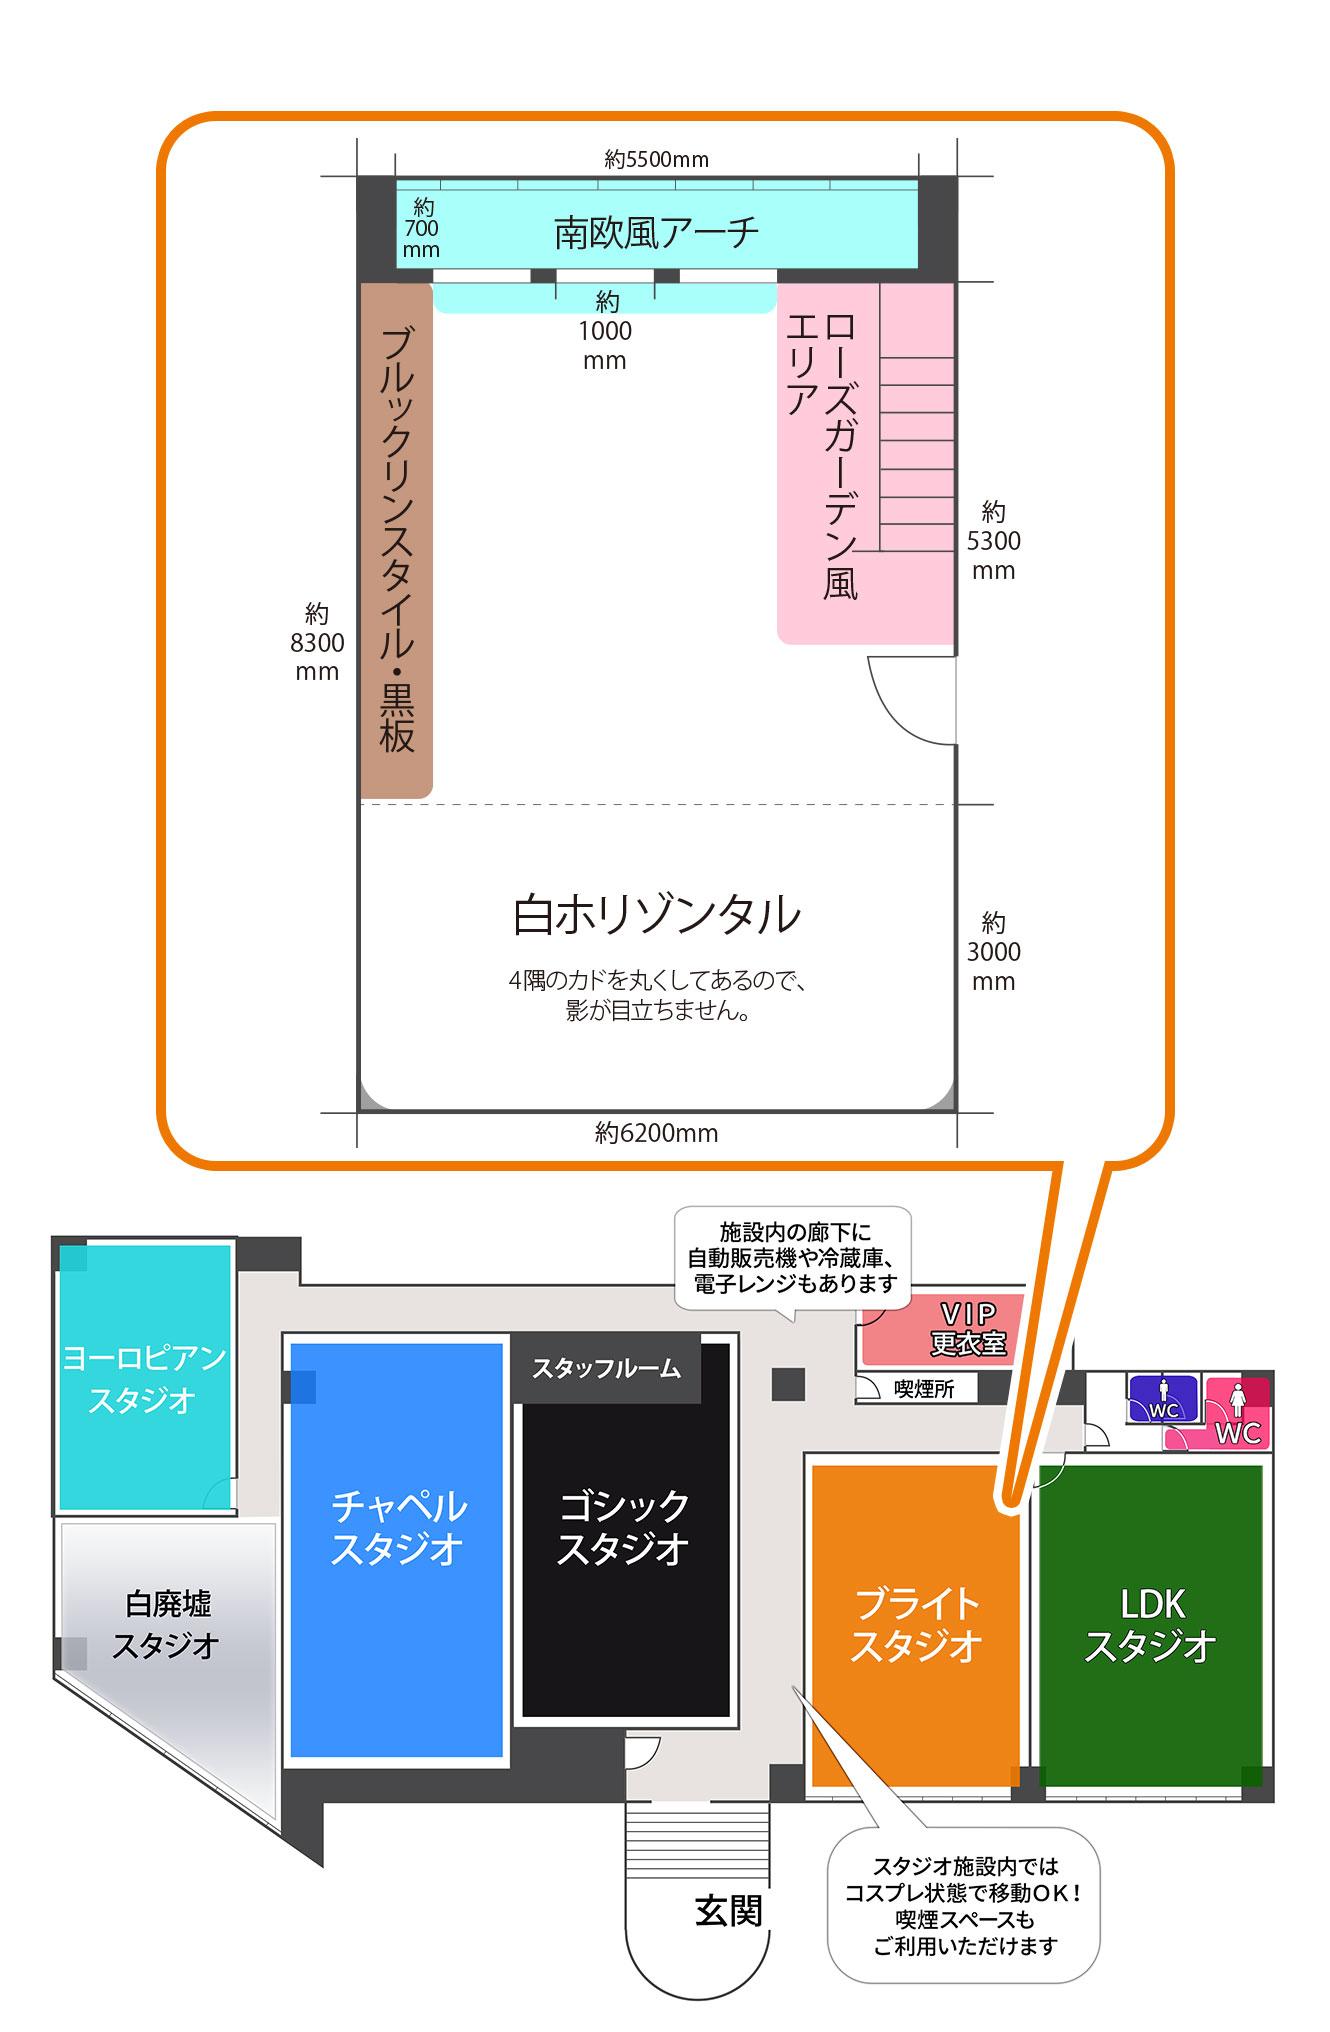 大阪平野店ブライトスタジオ